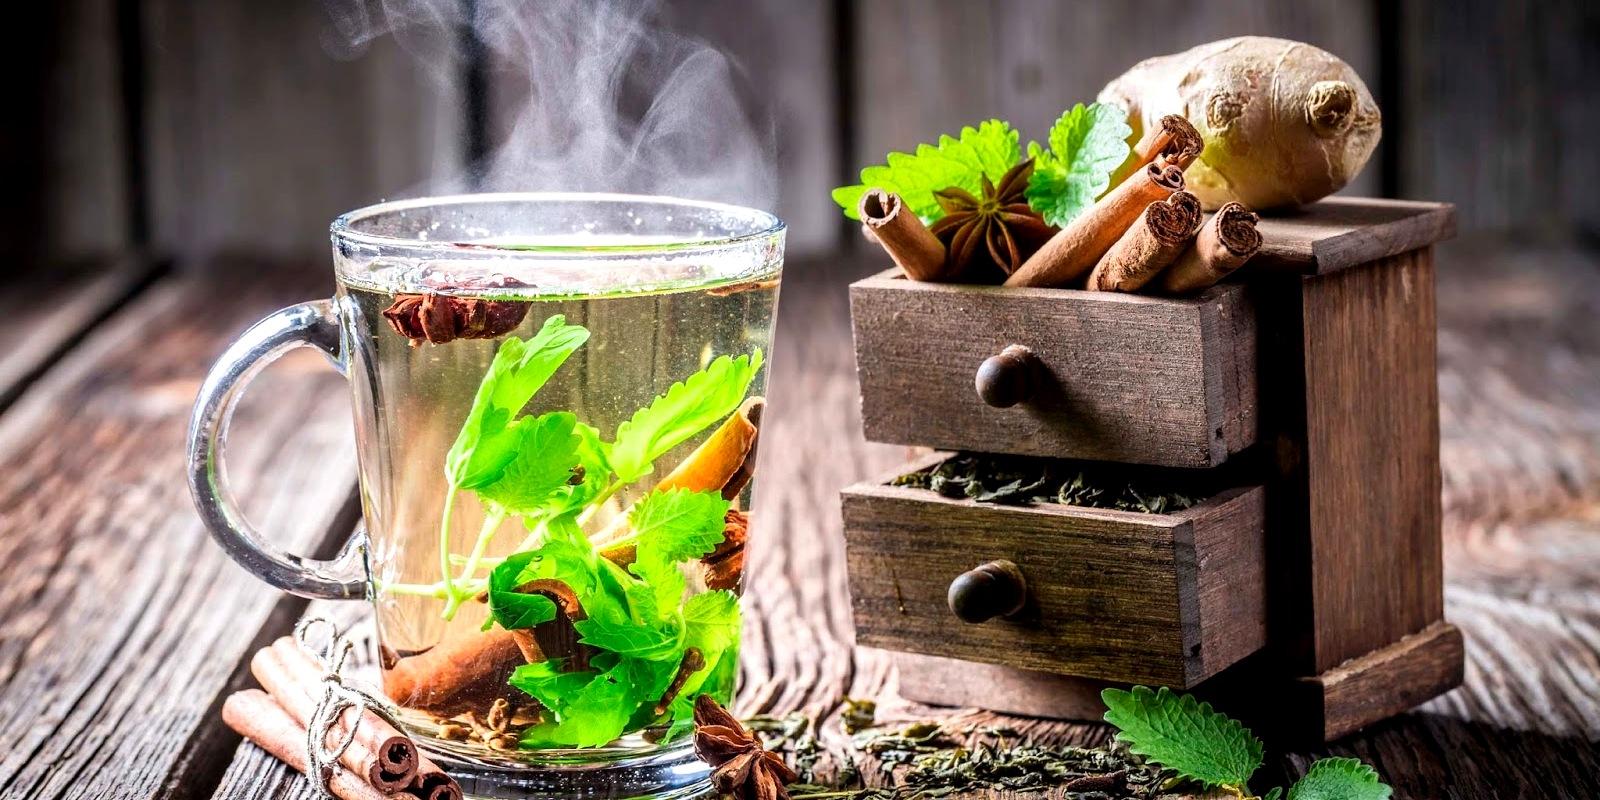 мятный чай2 - Чай с мятой - спокойствие, только спокойствие...